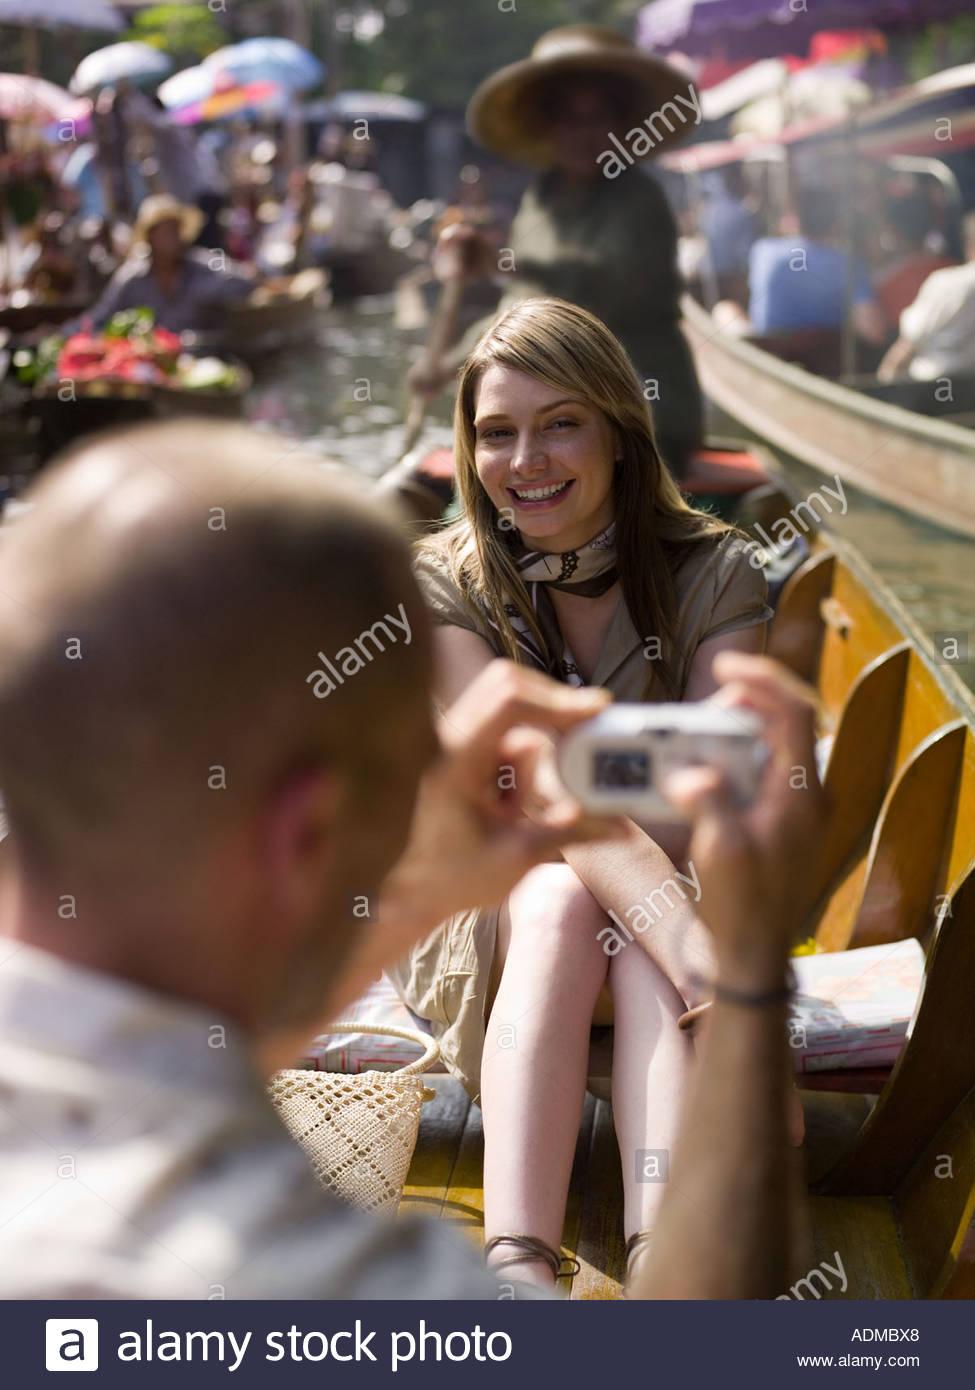 Hombre tomar la fotografía de la novia en bote de remos Imagen De Stock